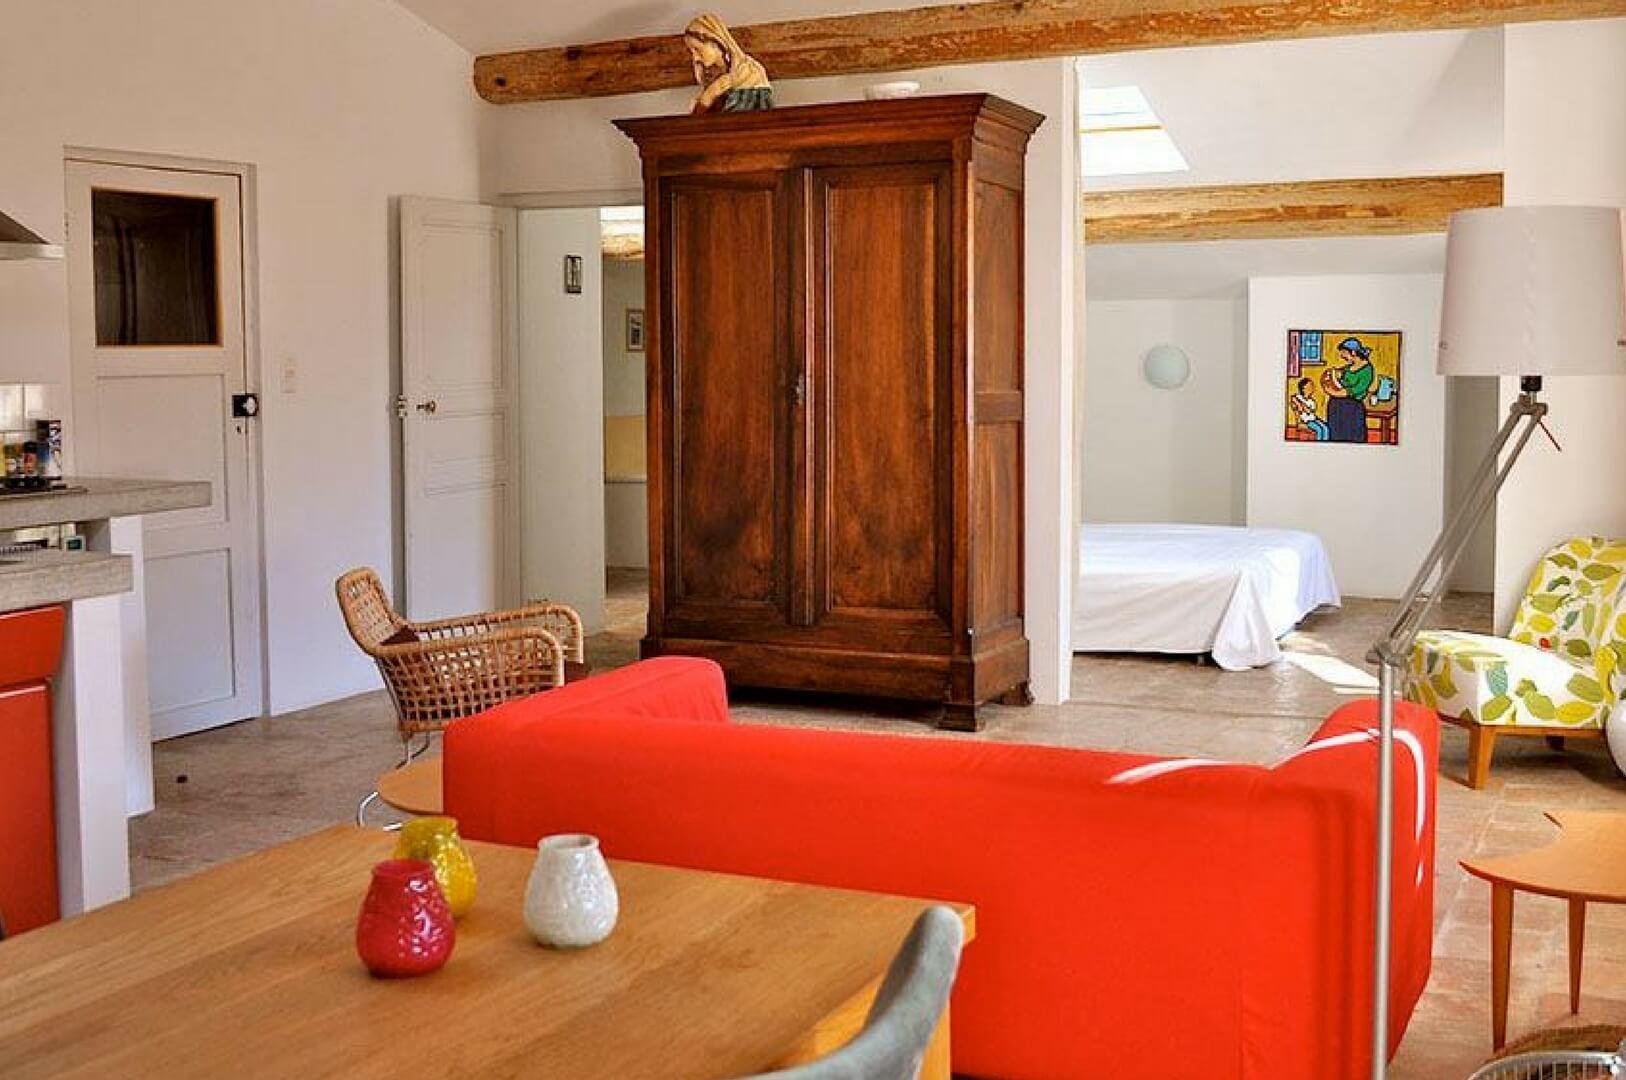 La Souche I ein gemütliches chambres d\'hôtes in Süd-Frankreich